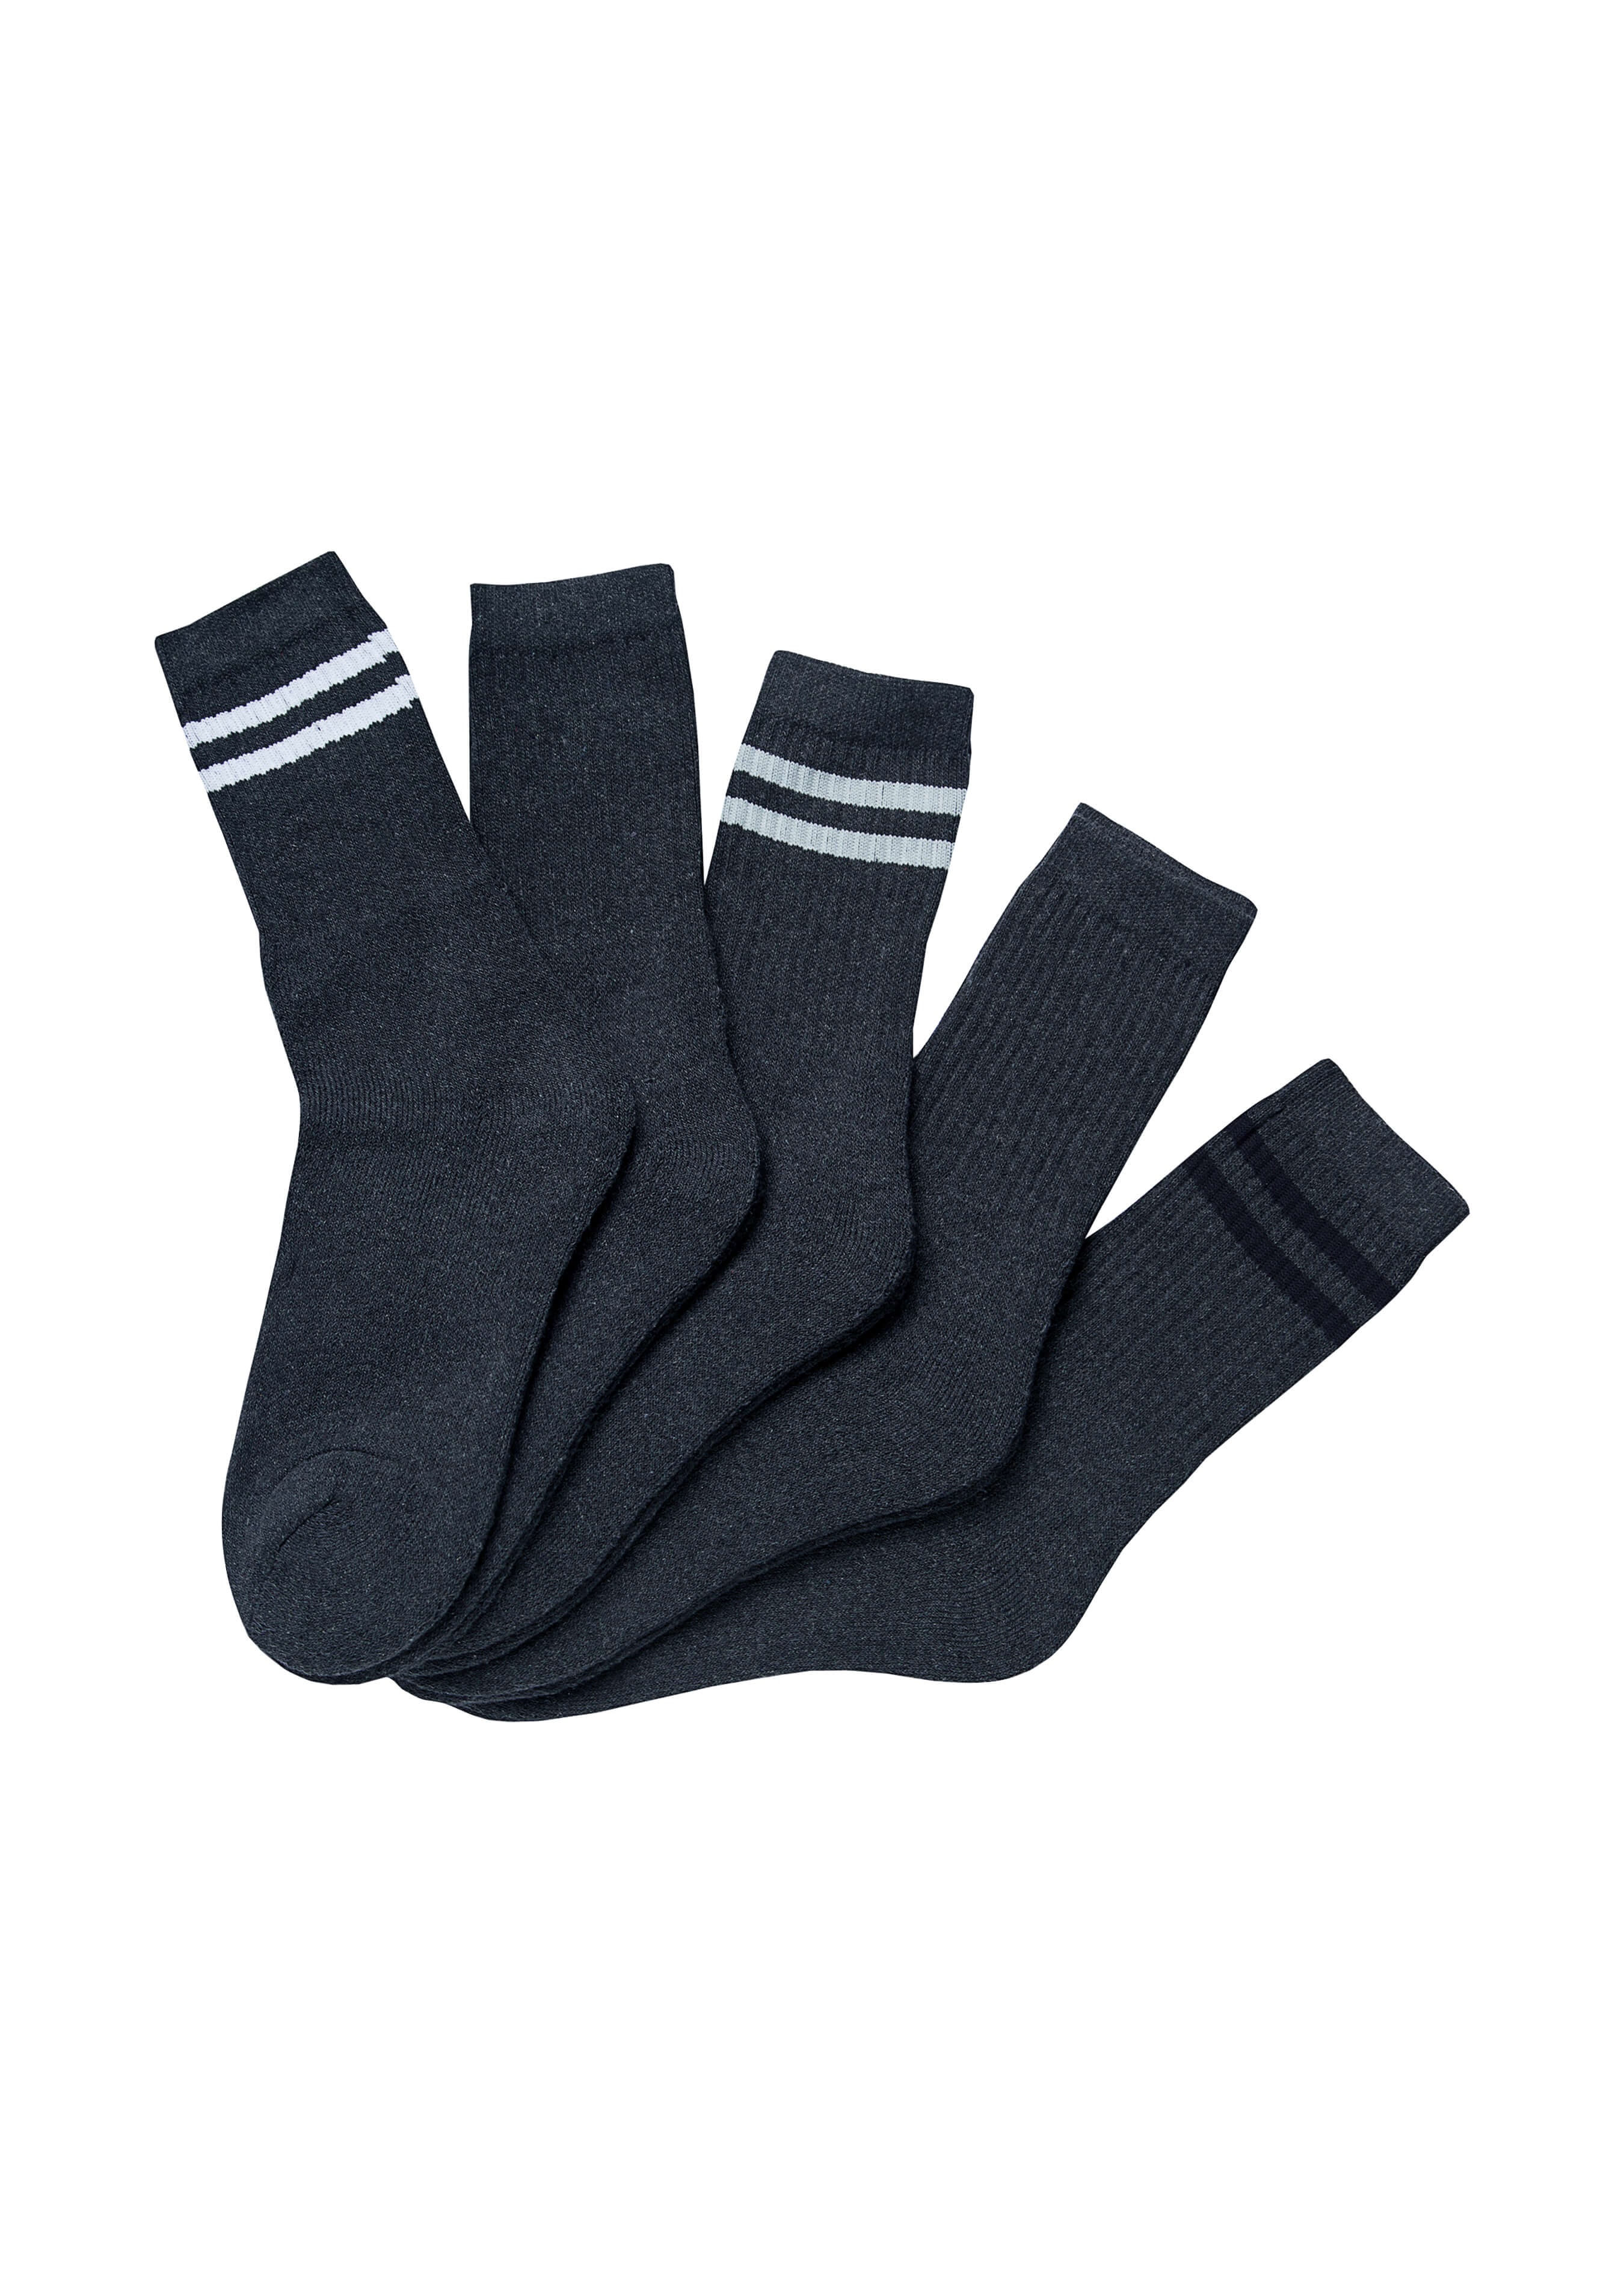 Chaussettes de tennis, 5 paires 27821035 2